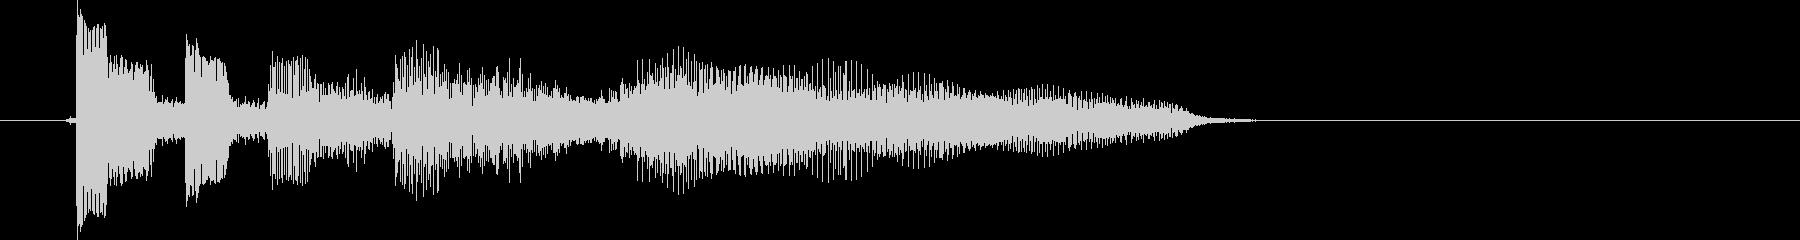 エレキ カントリー切り替え2 UPの未再生の波形